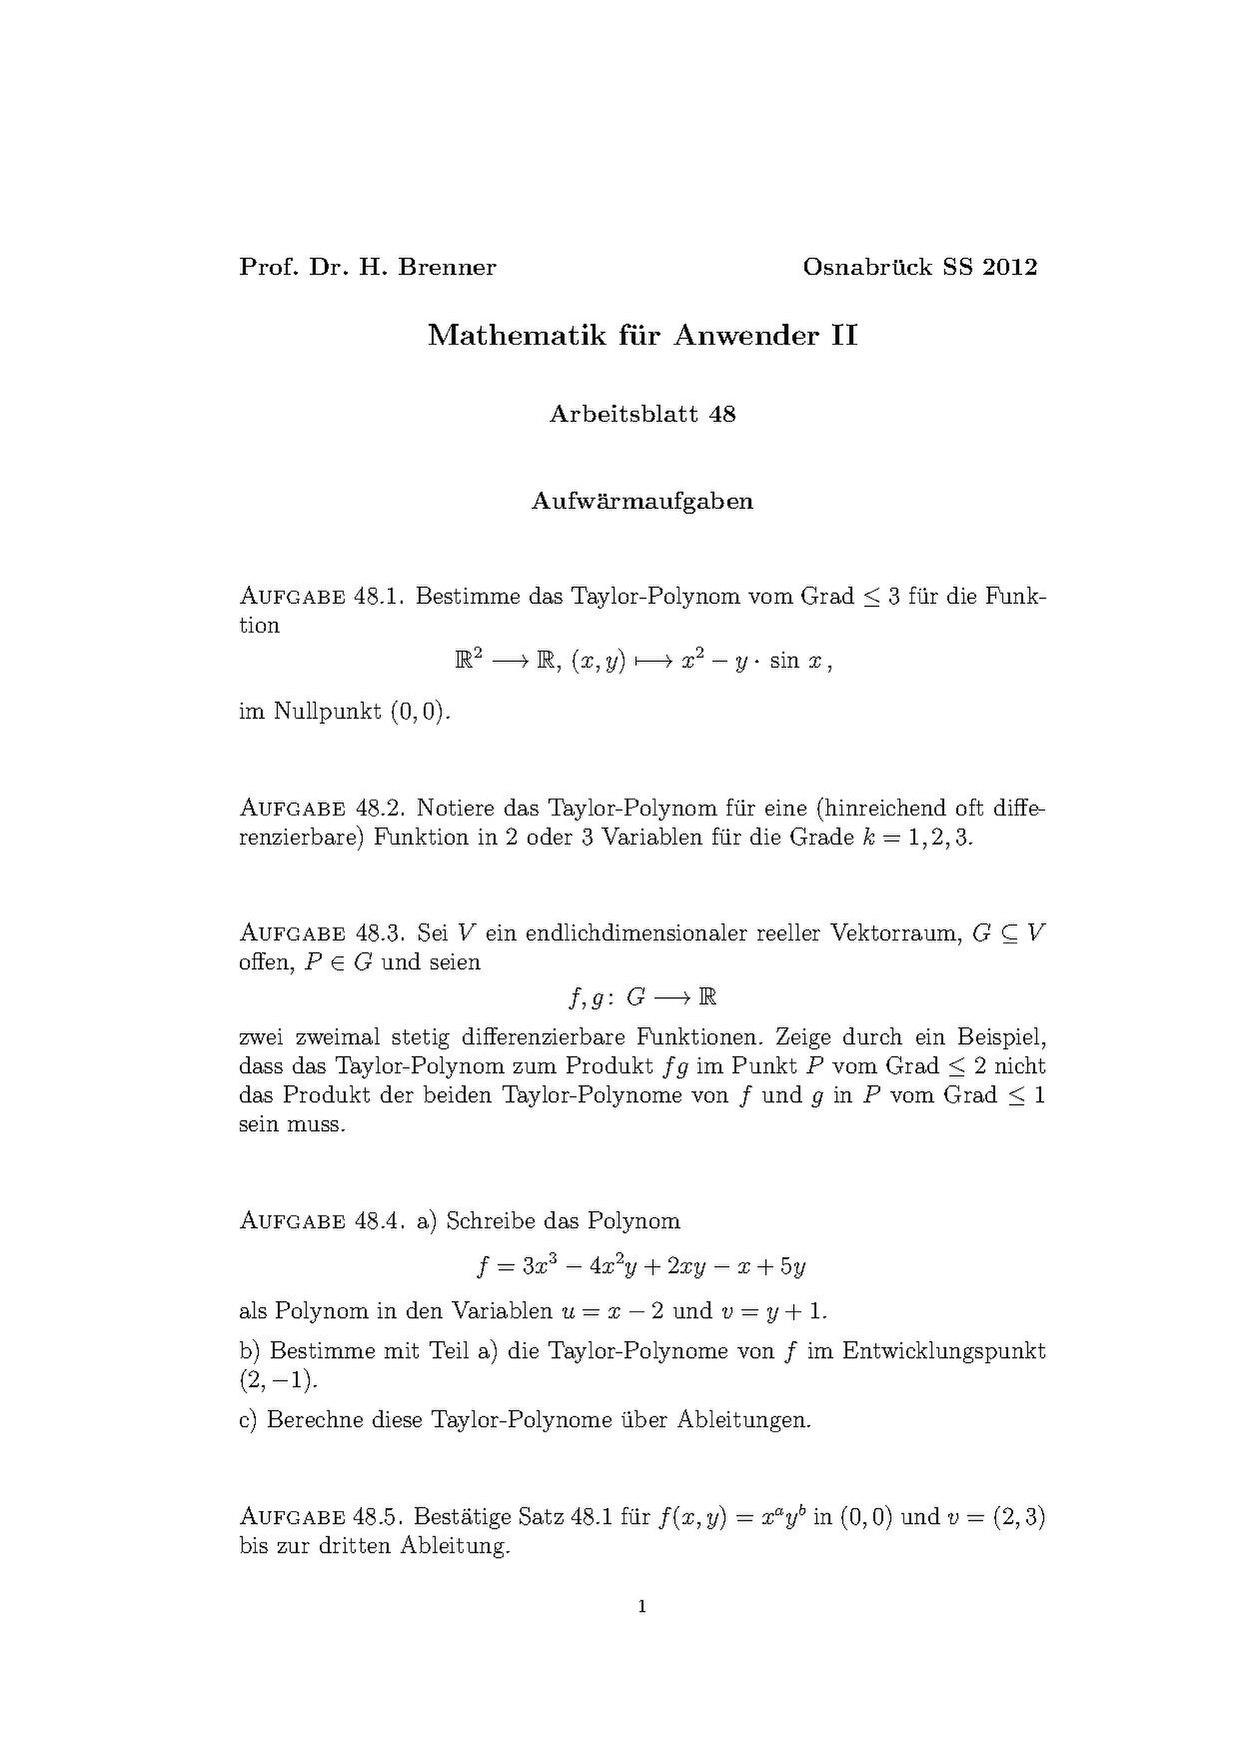 Groß Mathe 2 Grad Arbeitsblatt Bilder - Gemischte Übungen ...